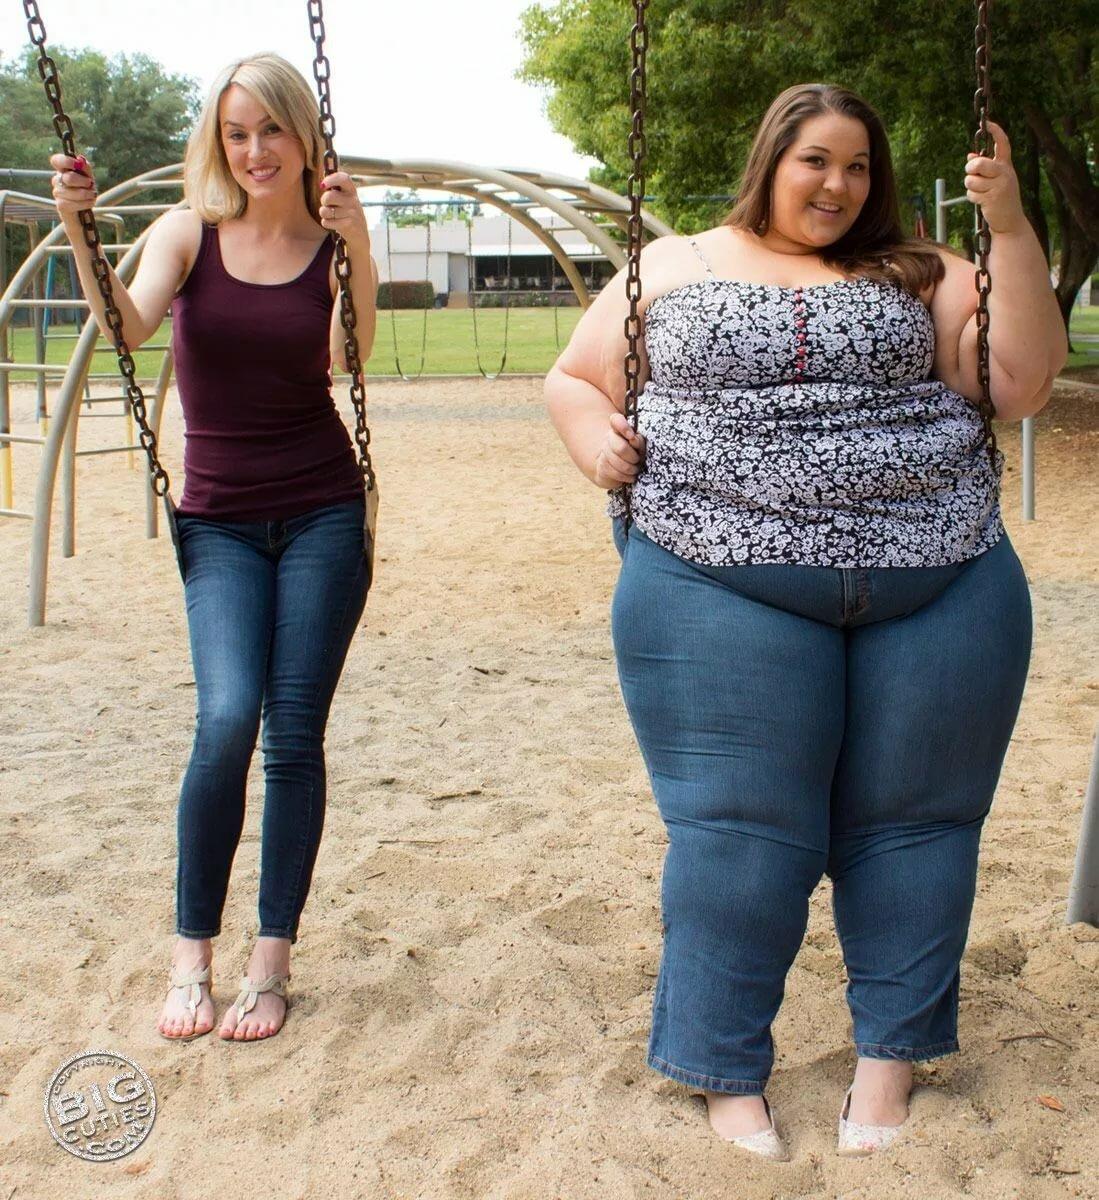 Порно хилари самые жирных дам для знакомства фото соски хорошем качестве